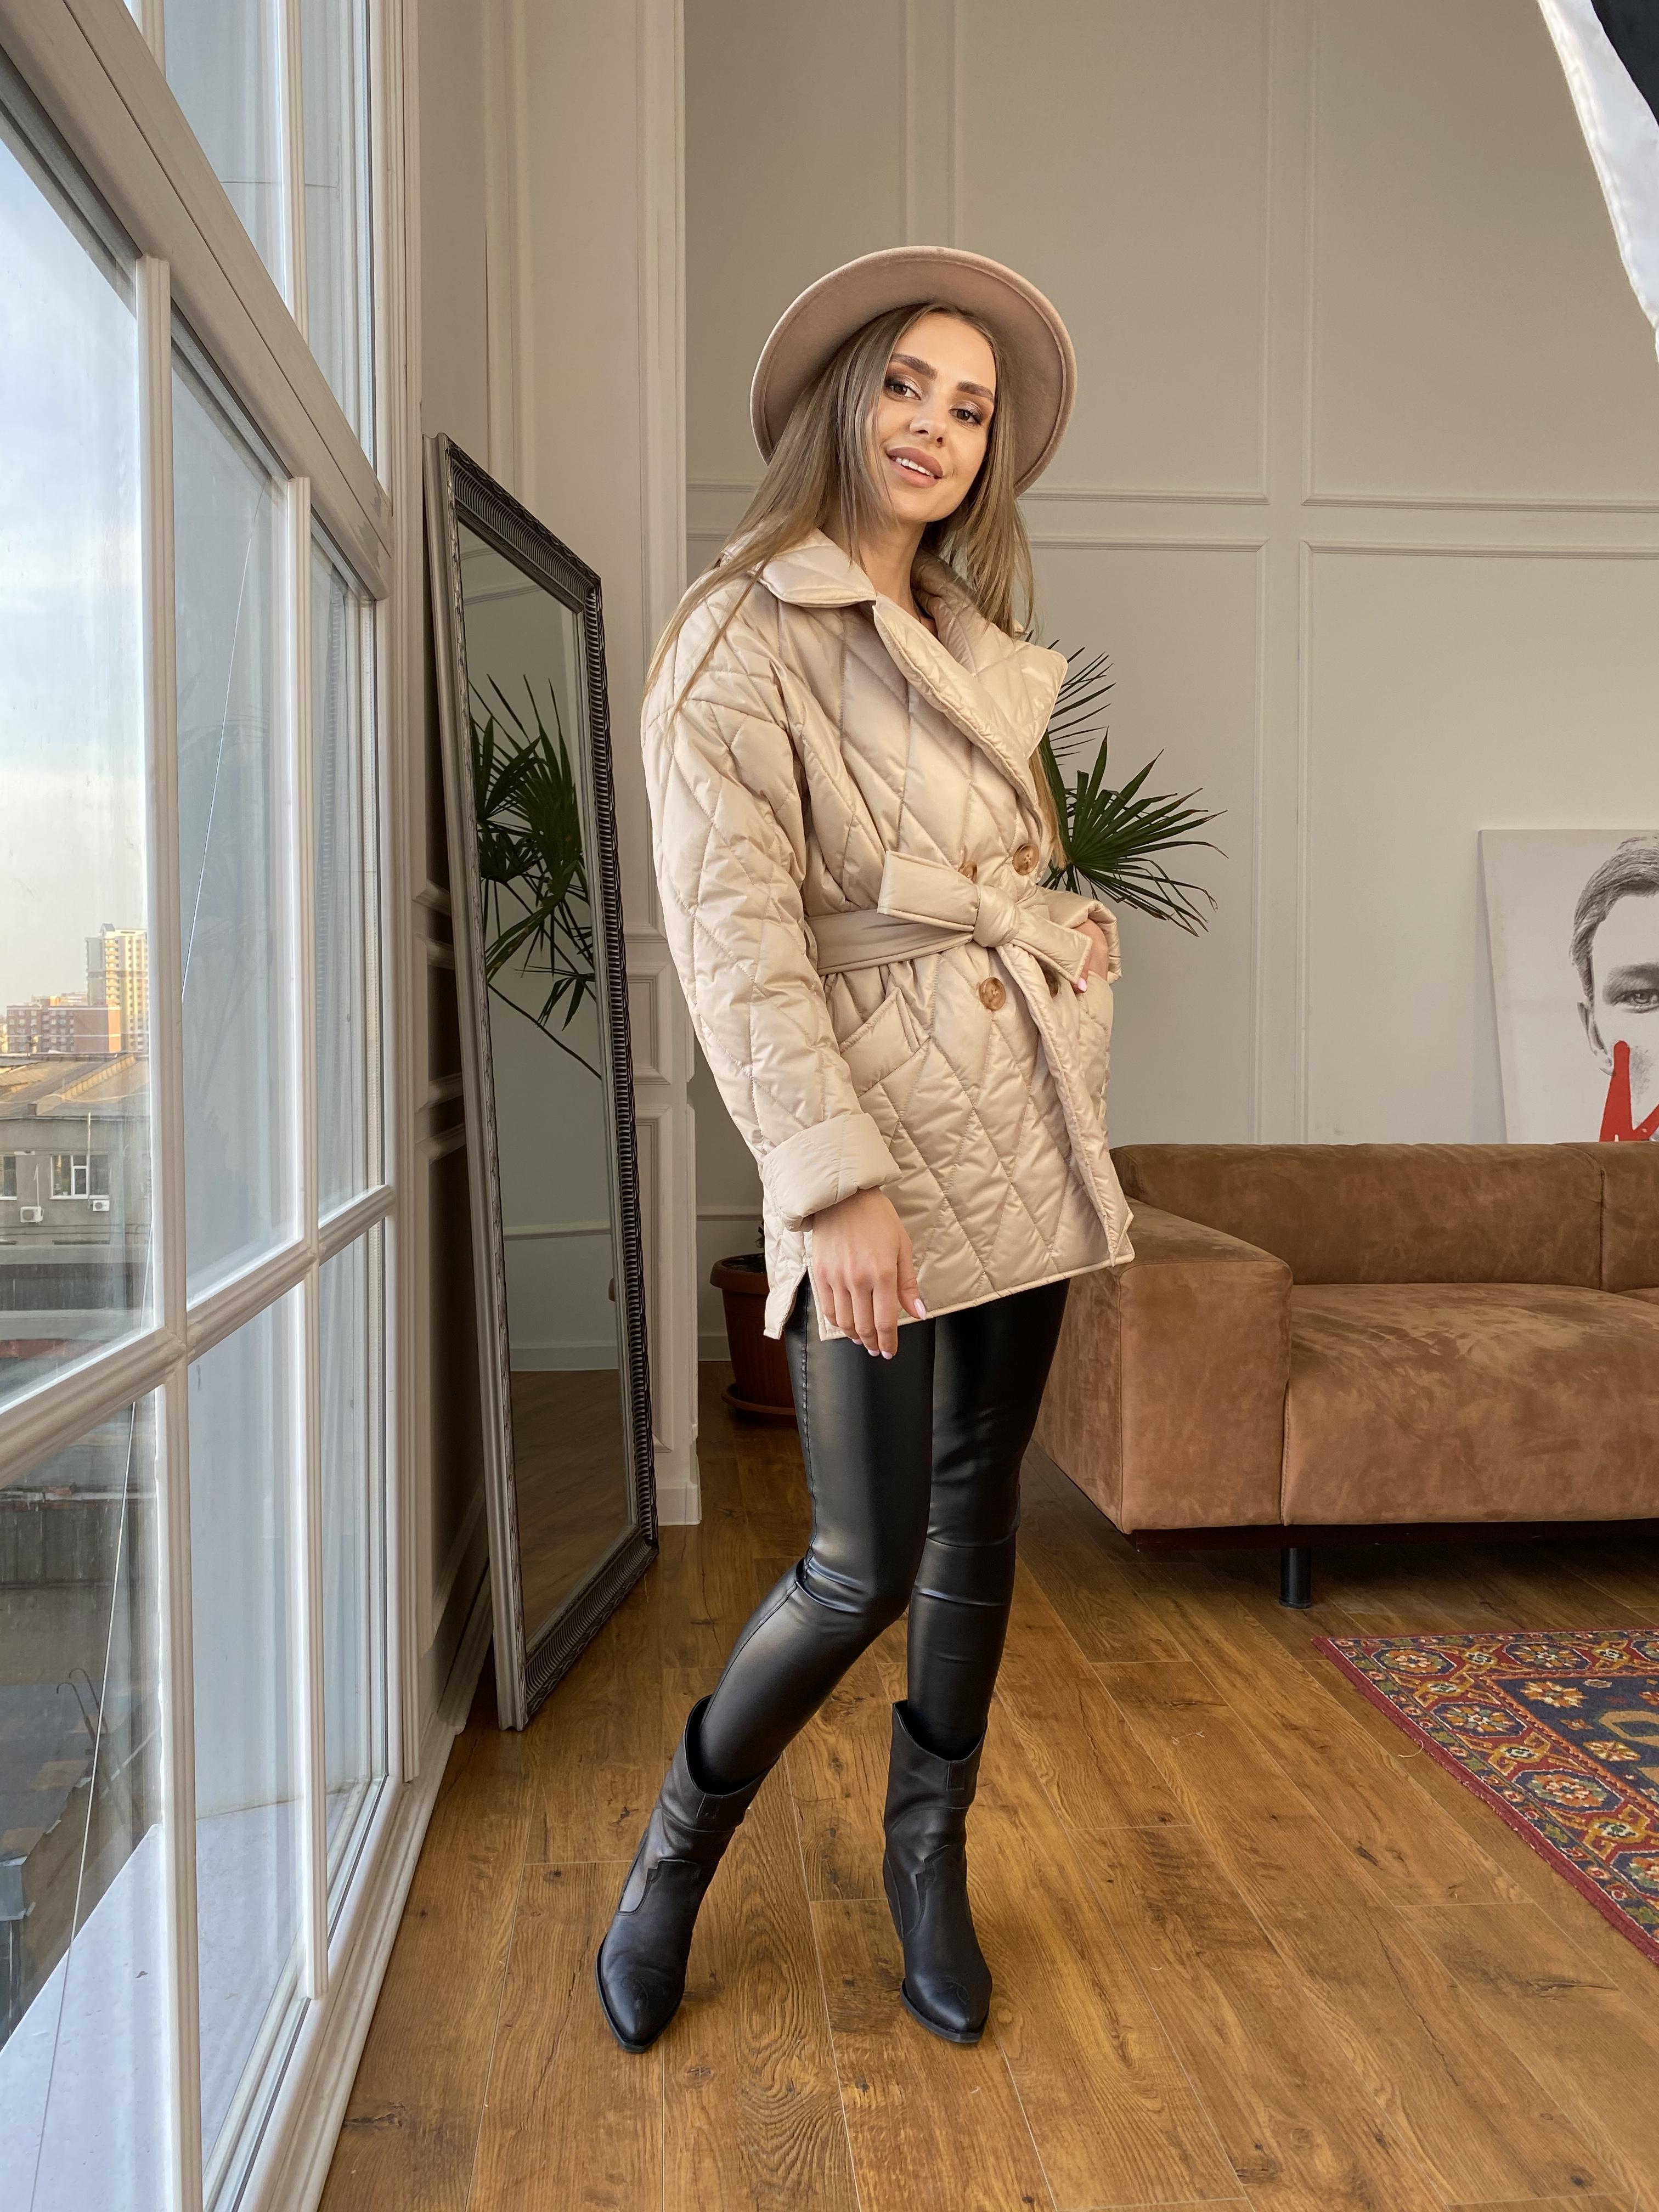 Норд куртка из плащевой ткани стеганая 10883 АРТ. 47411 Цвет: Бежевый - фото 6, интернет магазин tm-modus.ru